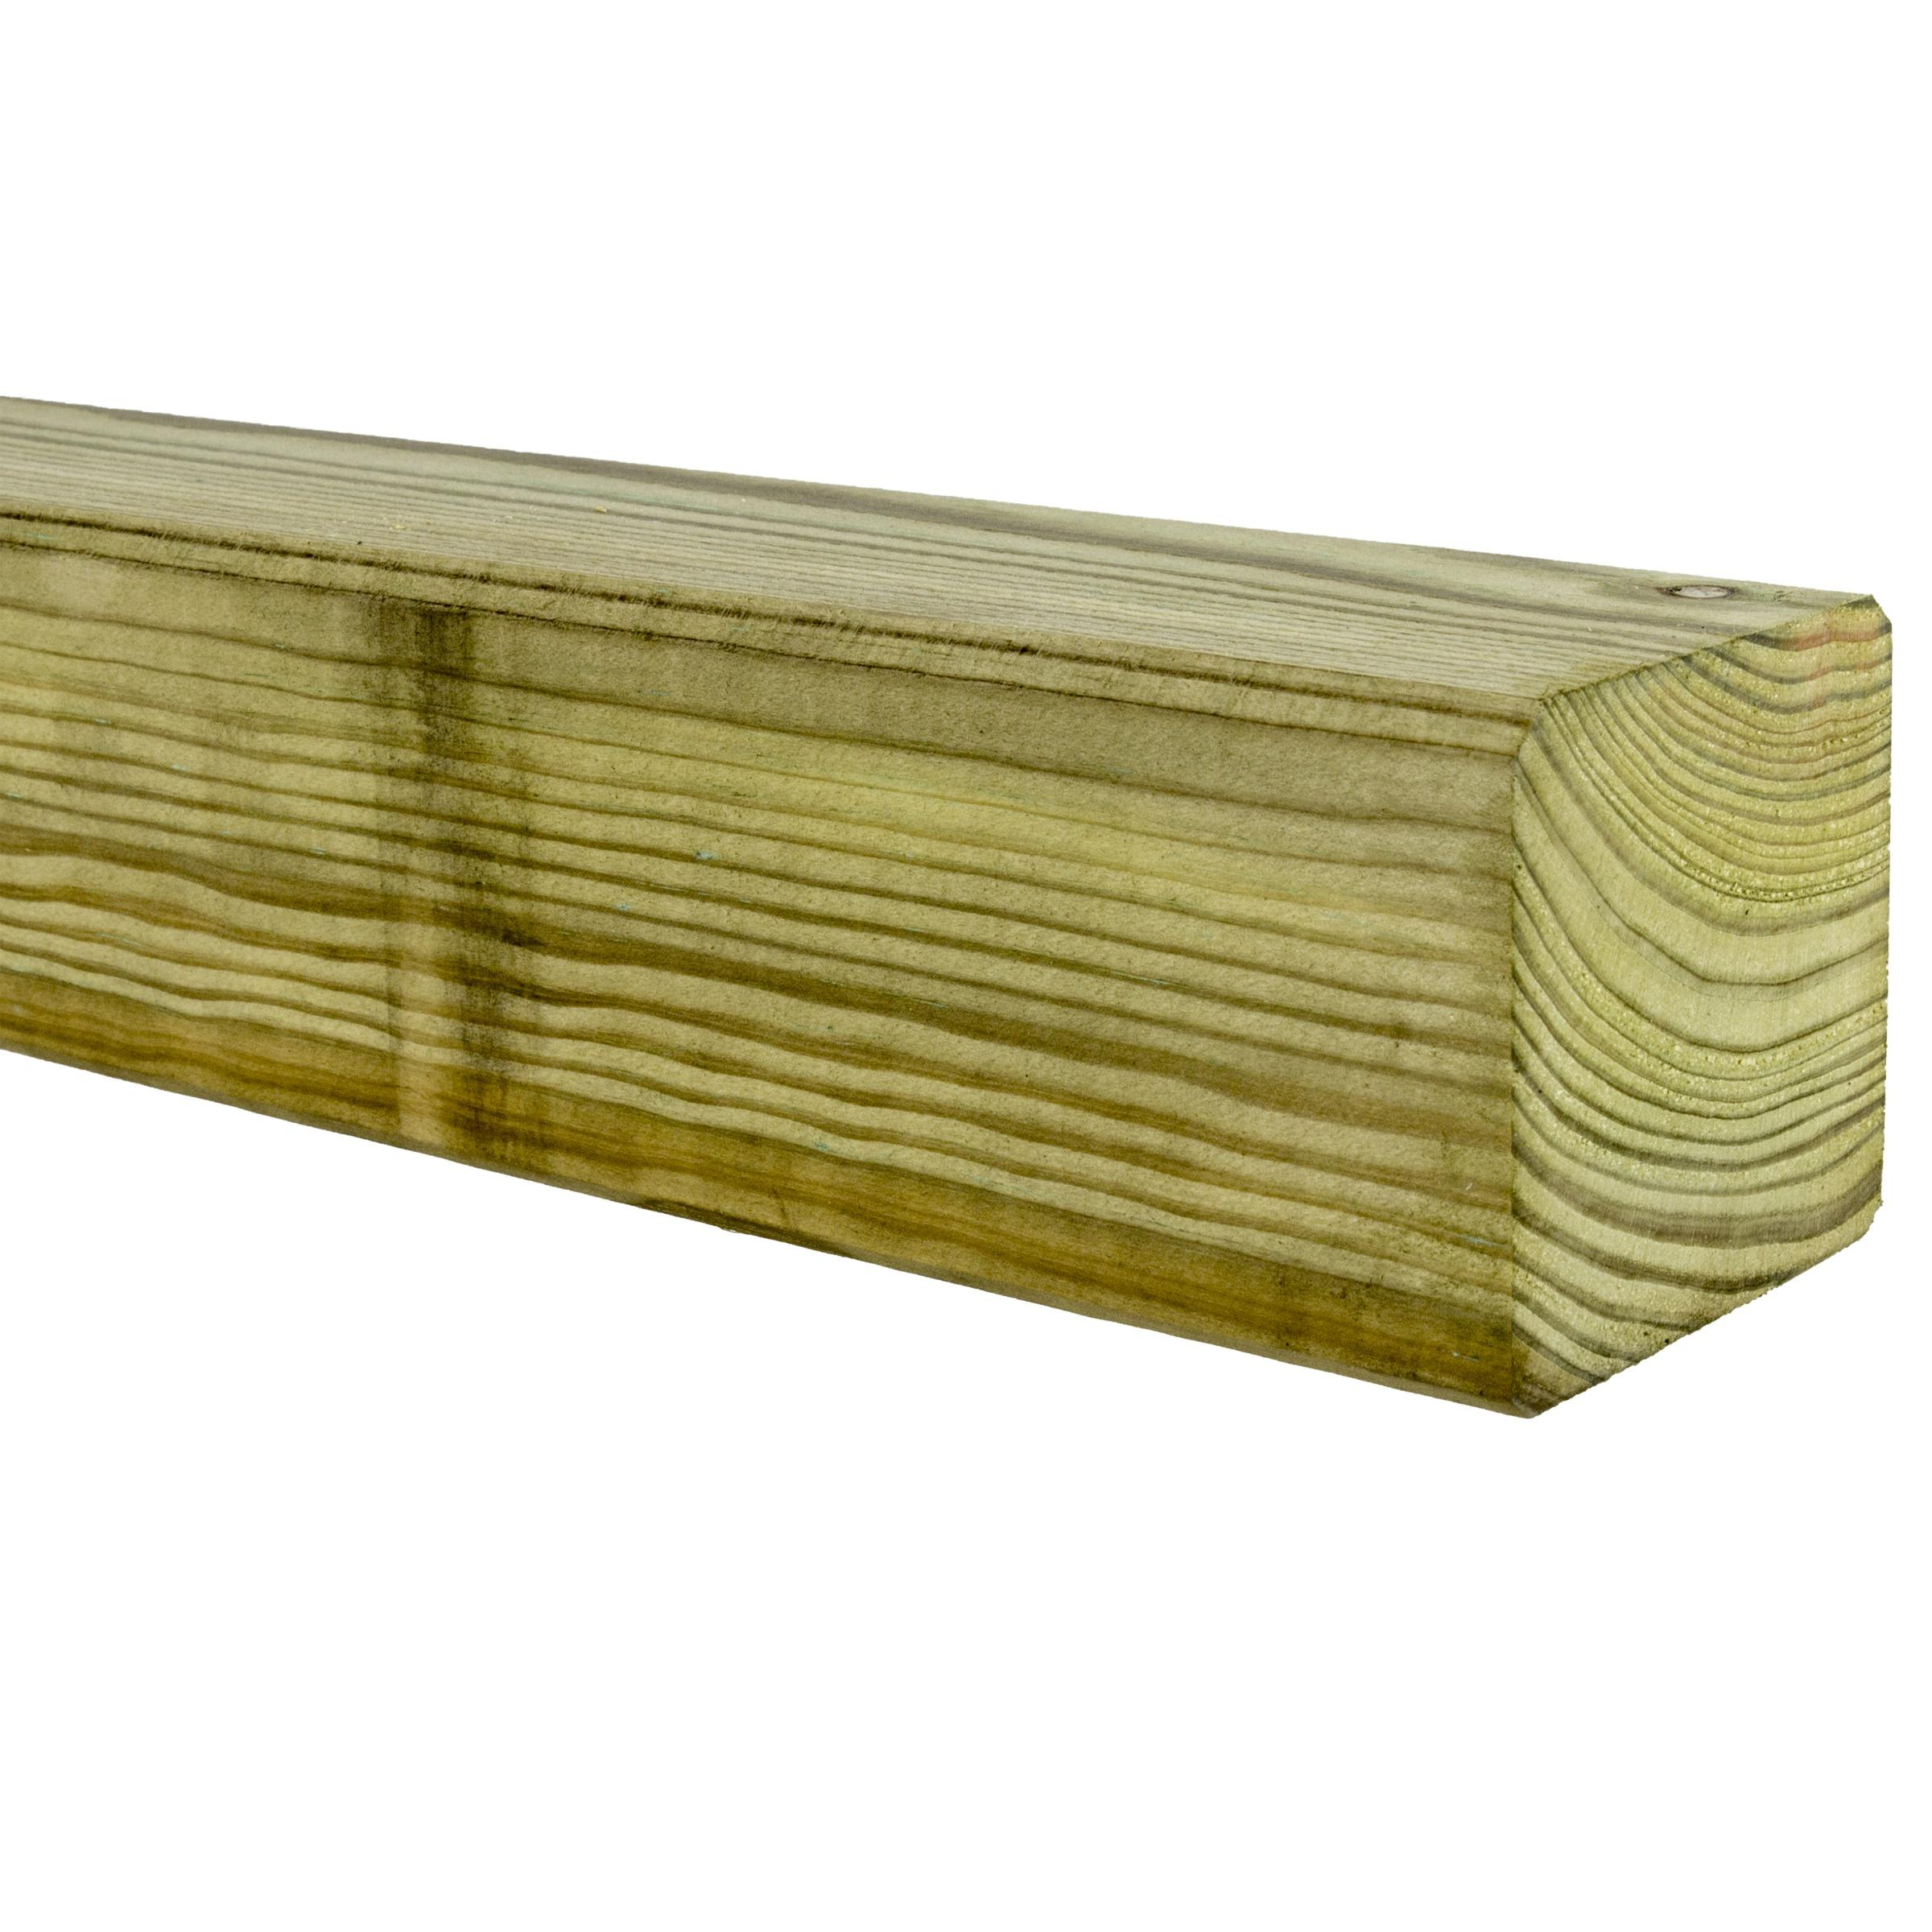 Tuinpaal geimpregneerd grenen 290x6,8x6,8 cm